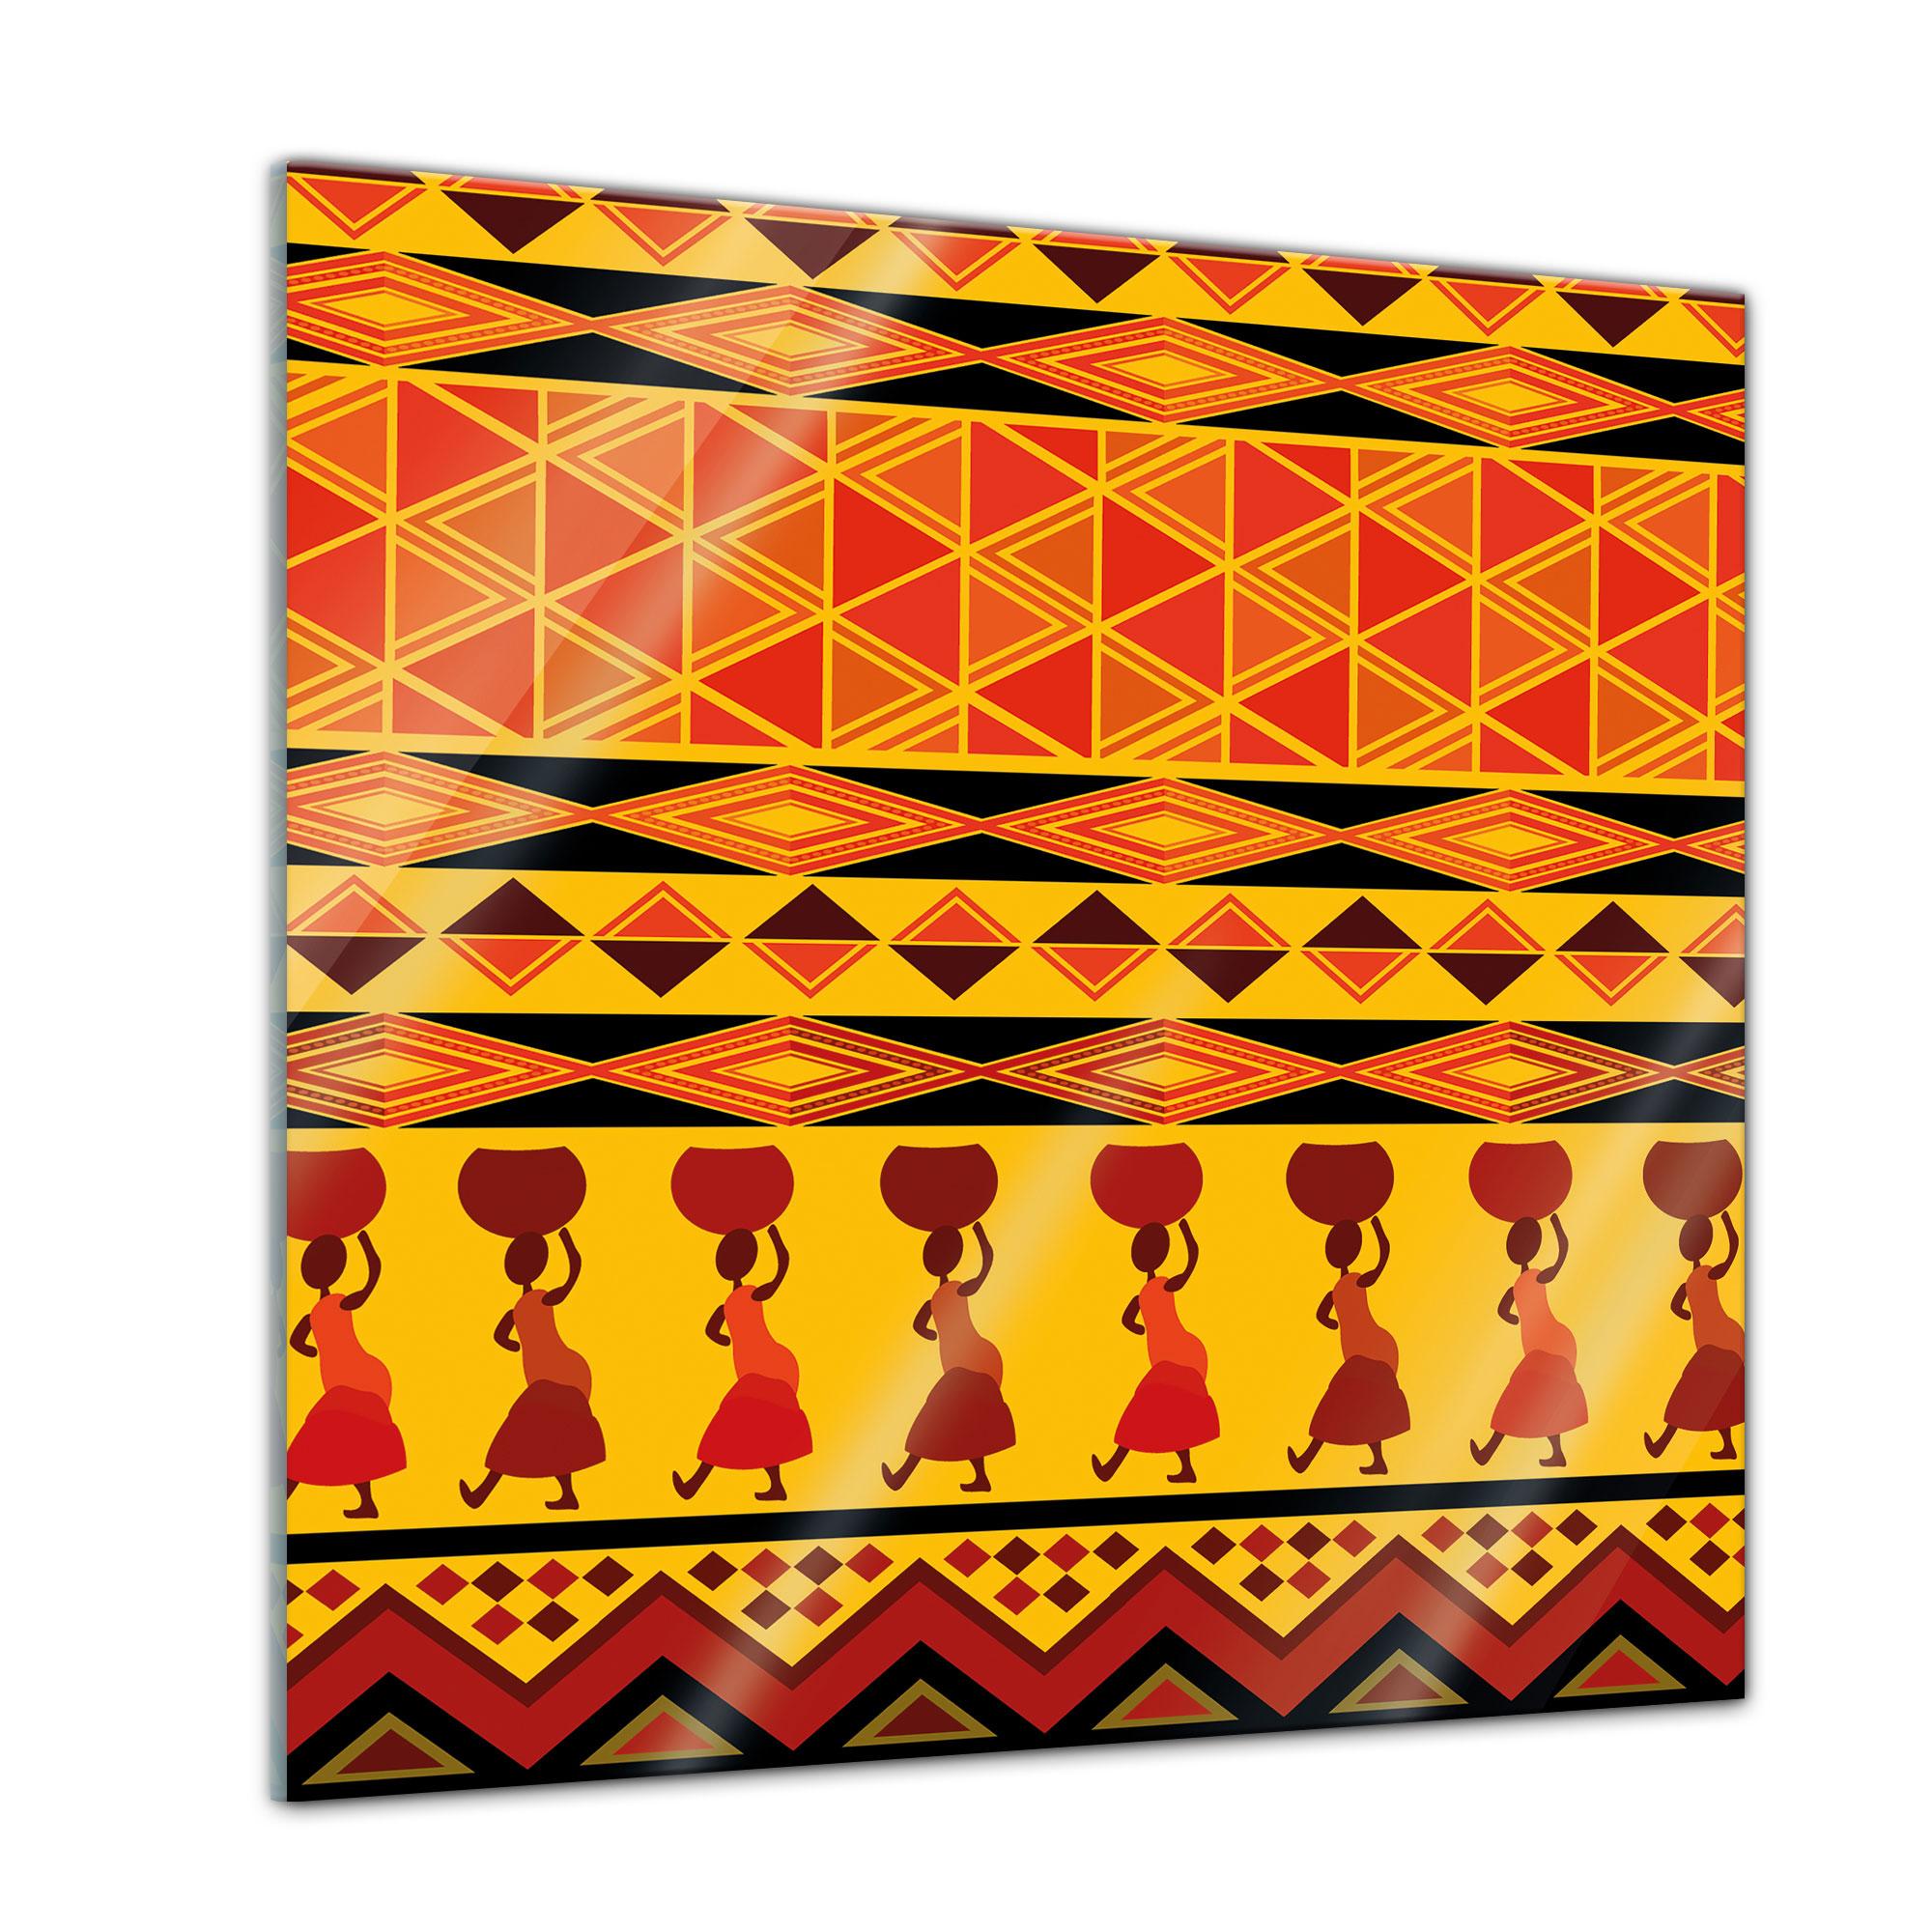 glasbild afrika design 30x30 cm ebay. Black Bedroom Furniture Sets. Home Design Ideas